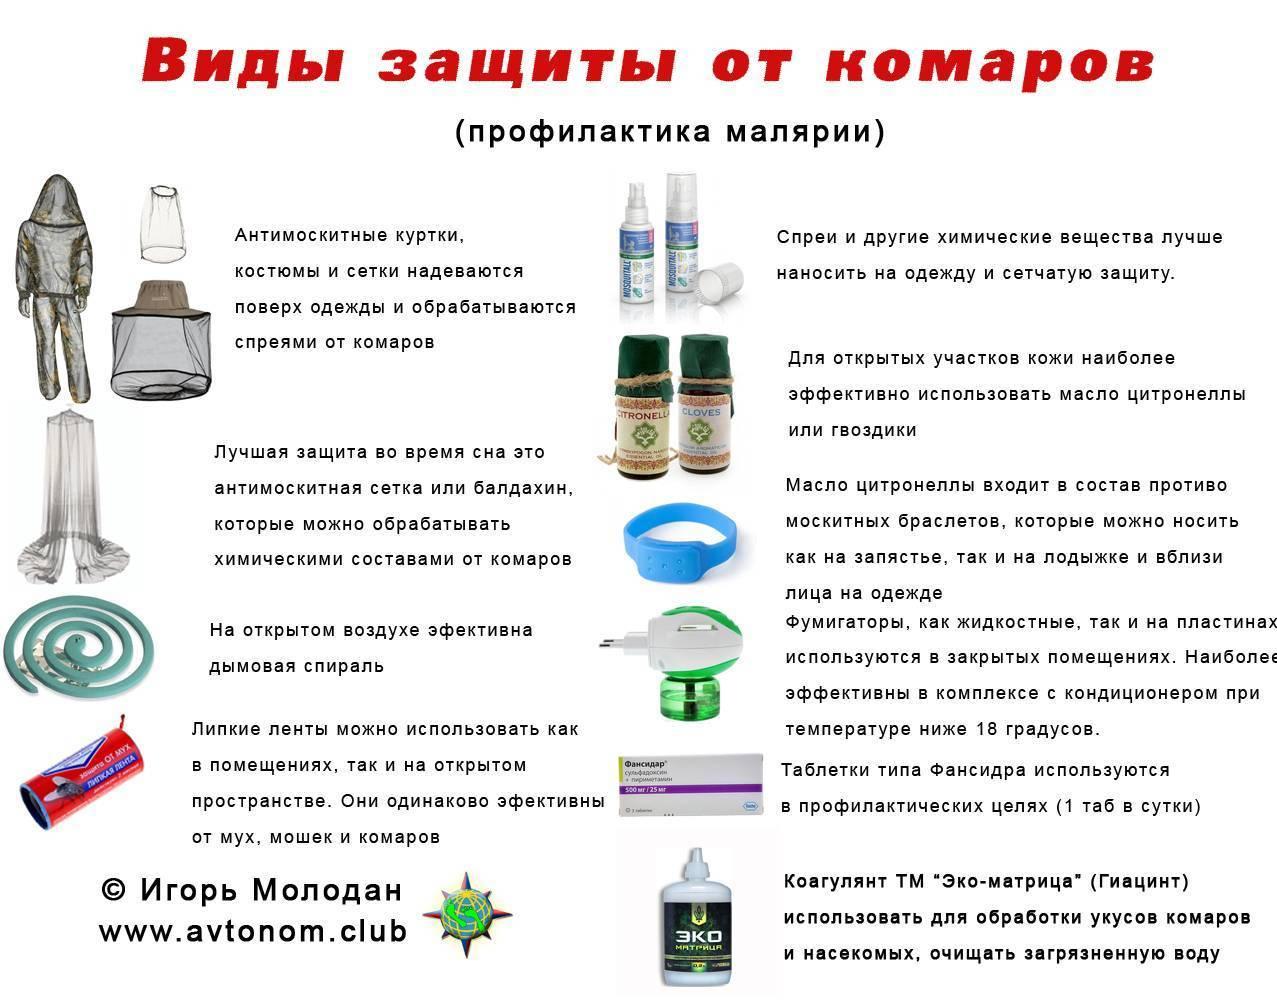 профилактика малярии лекарства